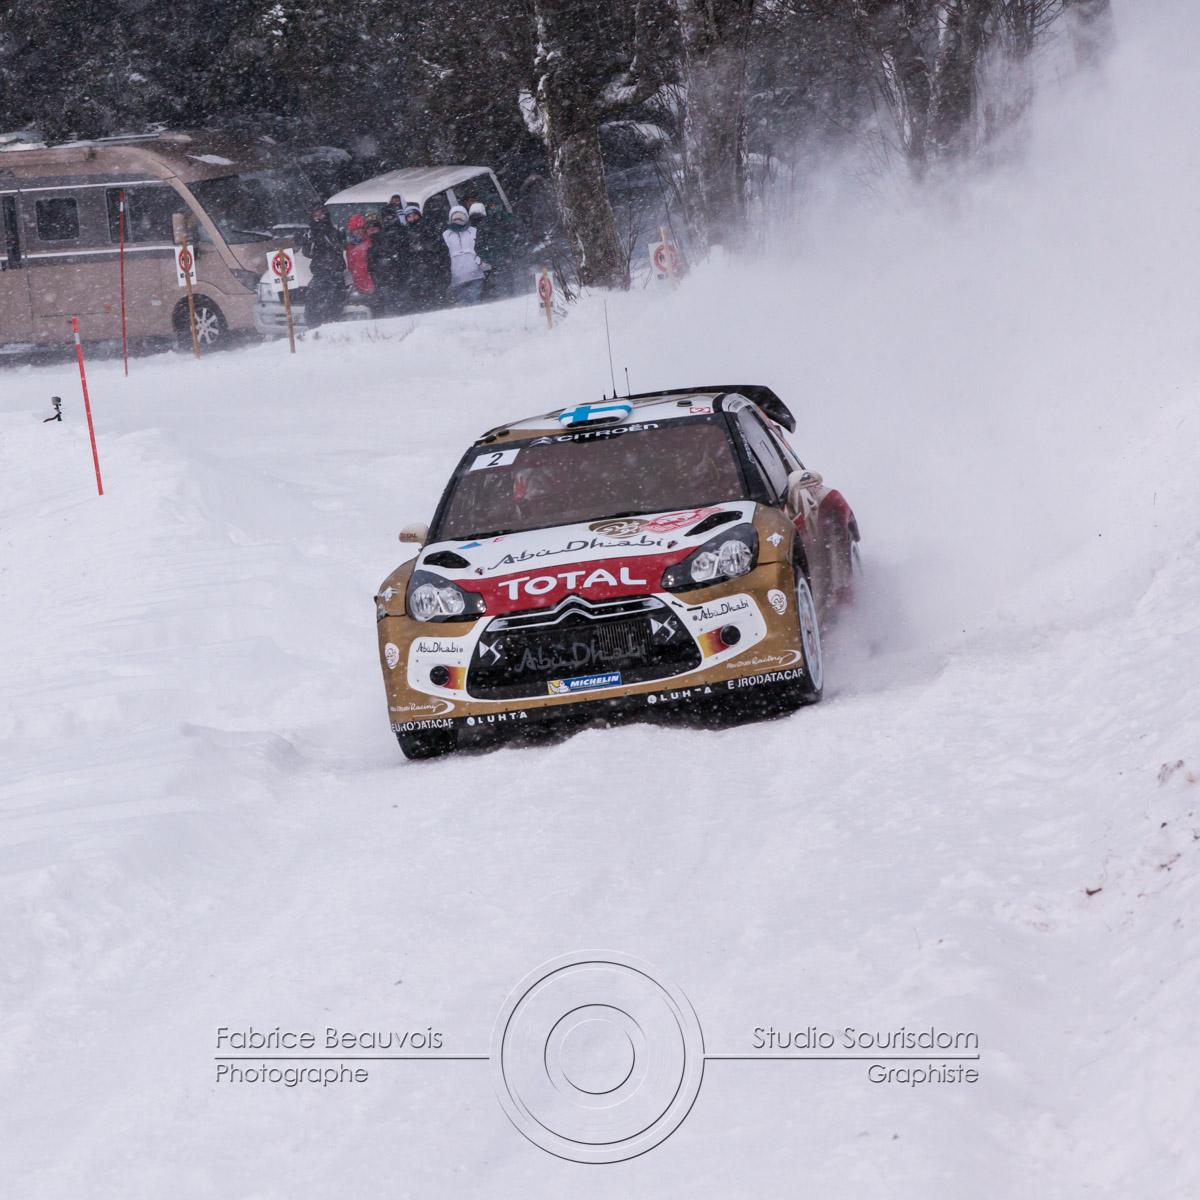 Rallye de monte carlo 2013 saint bonnet le froid 43 for Garage 4x4 st bonnet froid